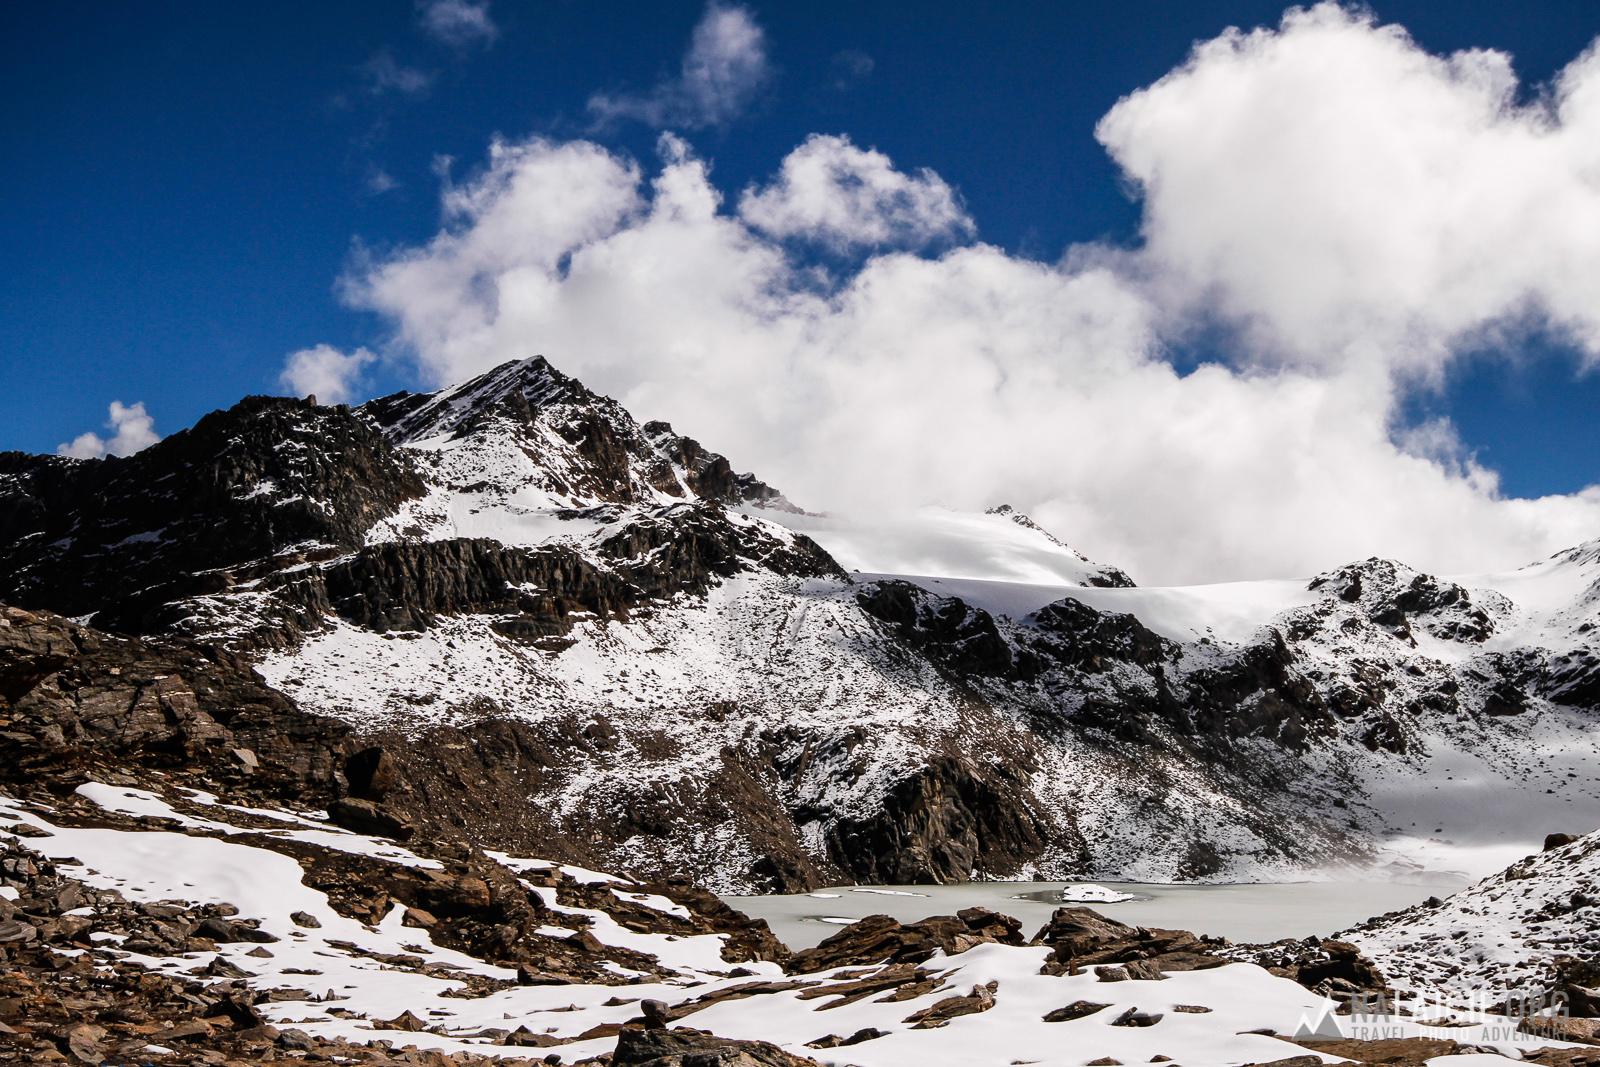 Widok z przełęczy w kierunku  naszego kolejnego celu - Mayali Pass - 5100 m n.p.m.